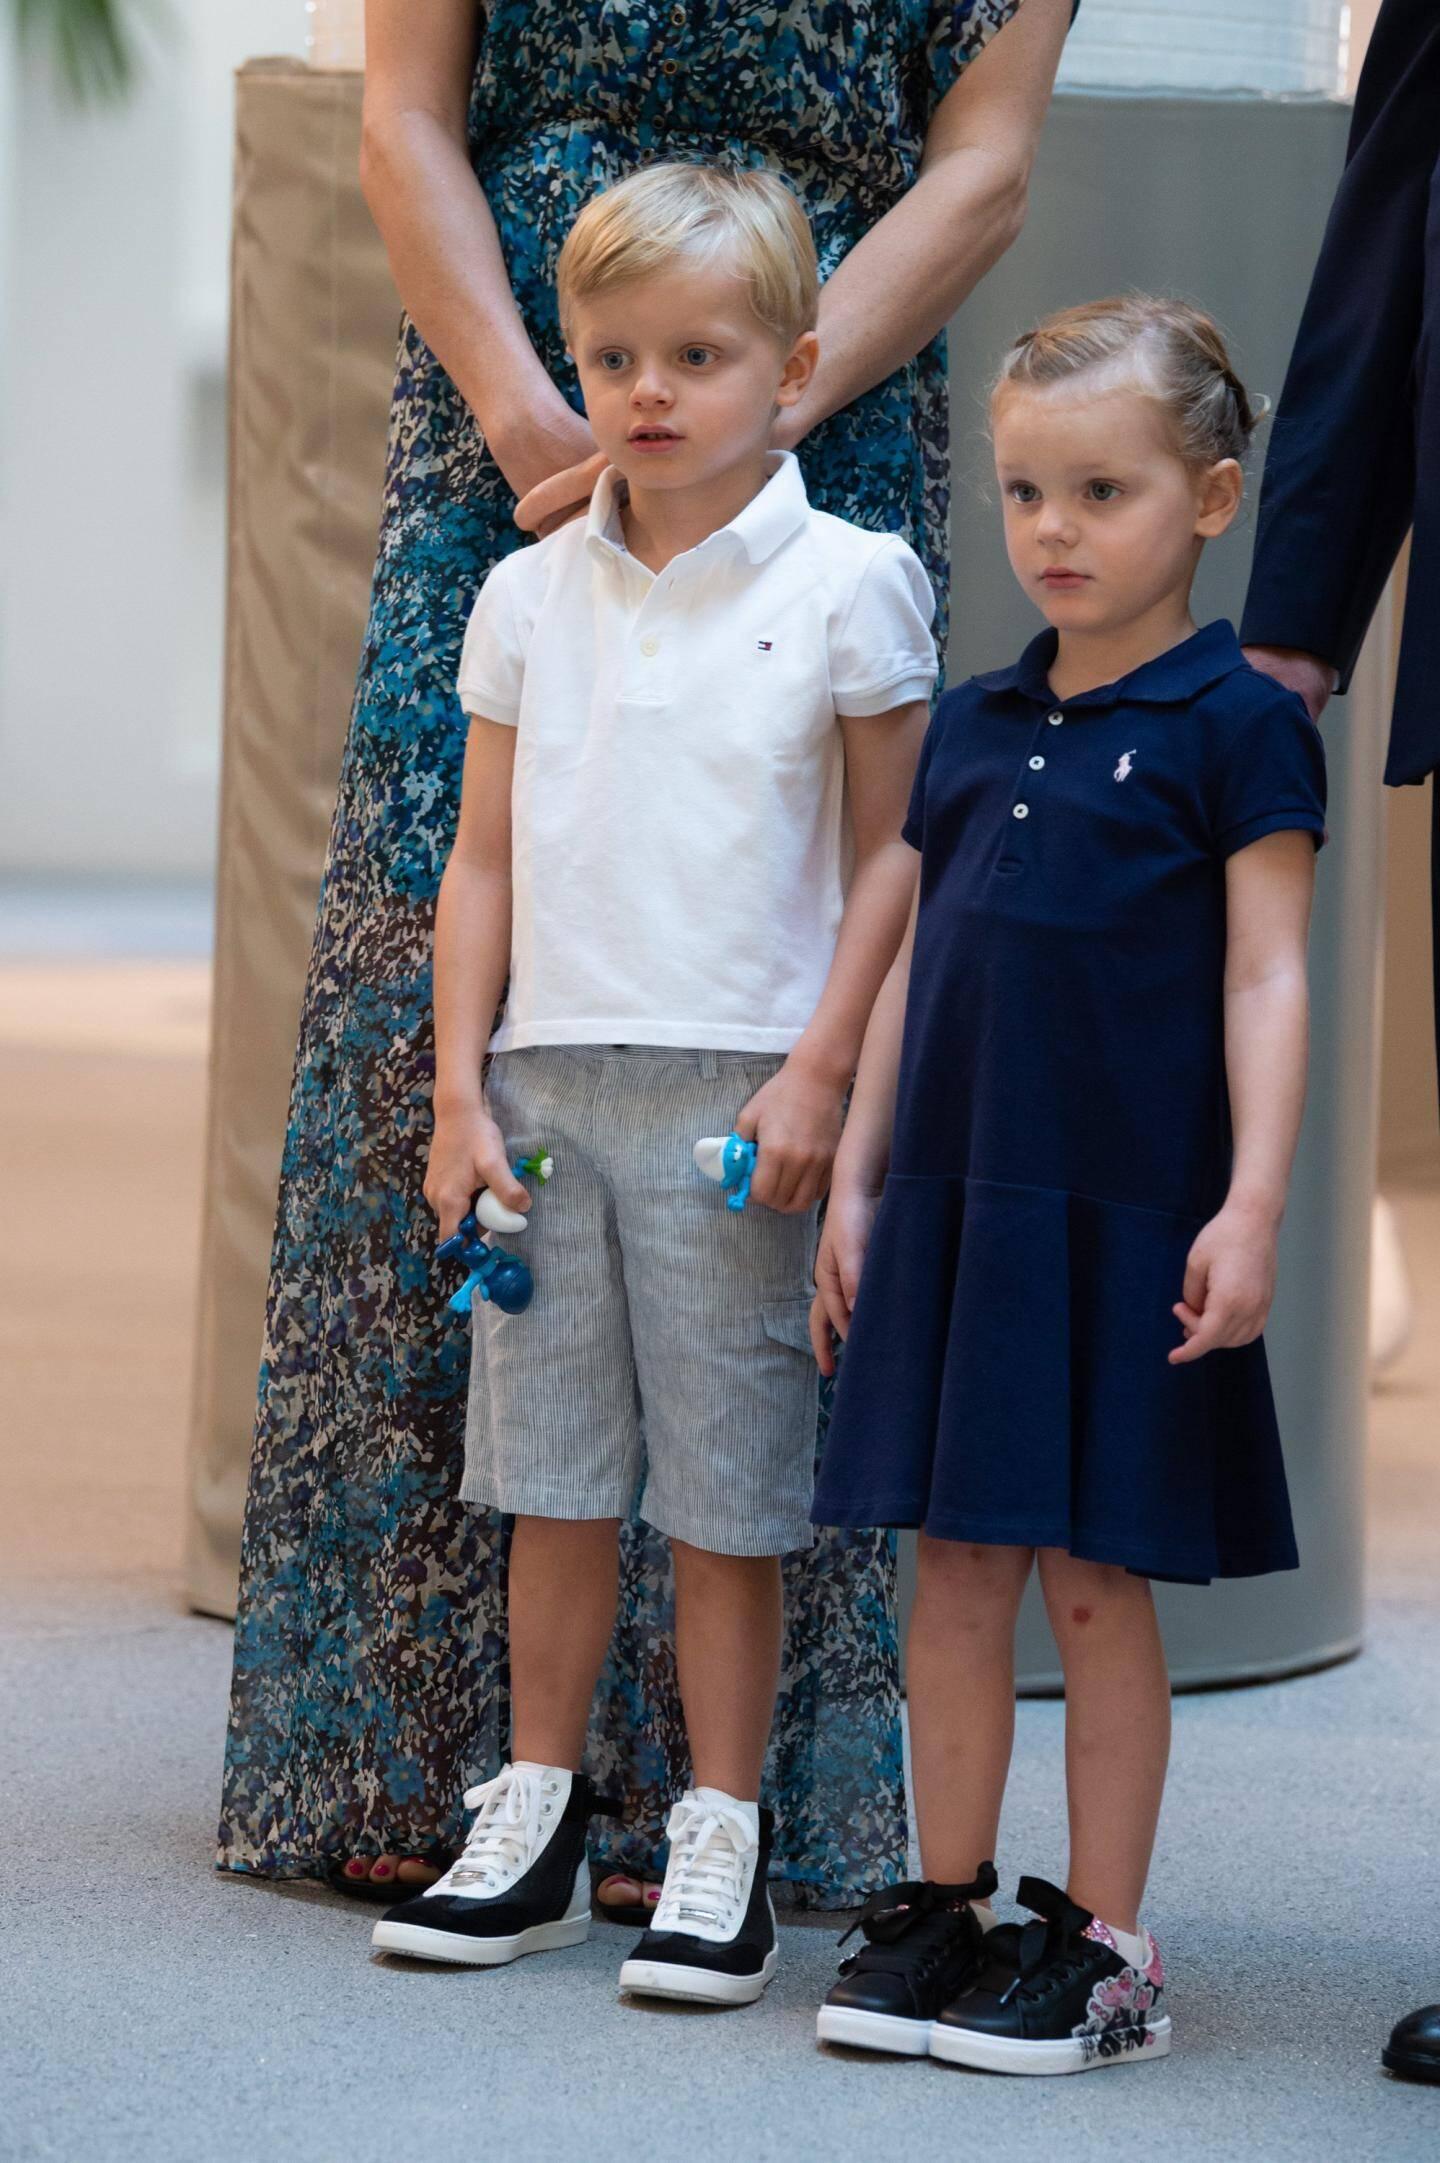 10 septembre.Après une première année scolaire à la Petite École, les enfants du couple princier font leur rentrée à l'école publique Stella.